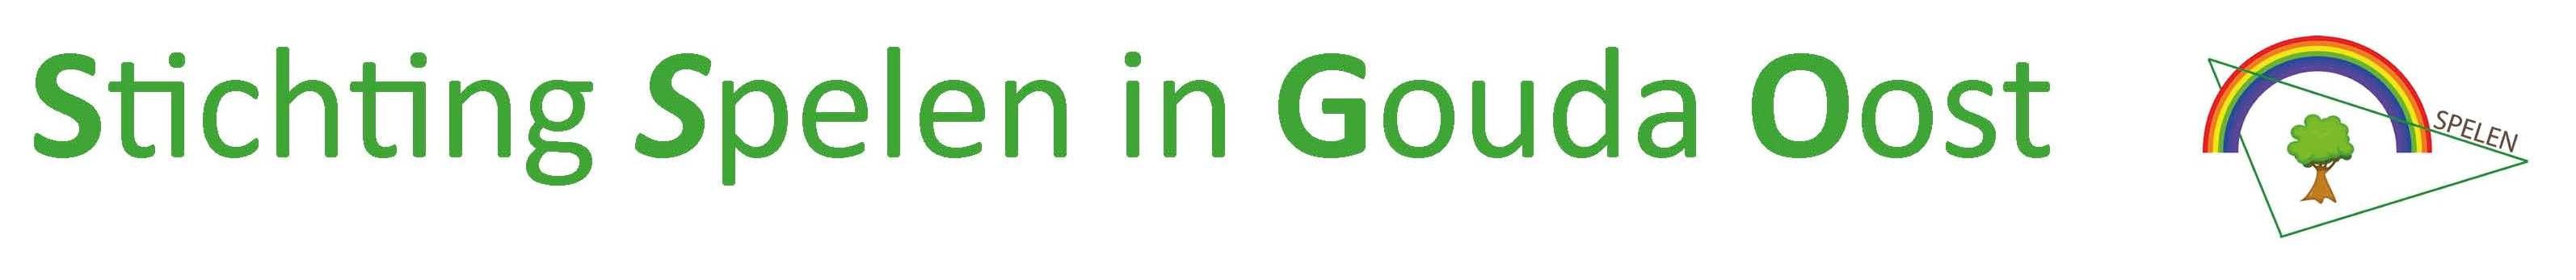 Stichting van Spelen in Gouda Oost